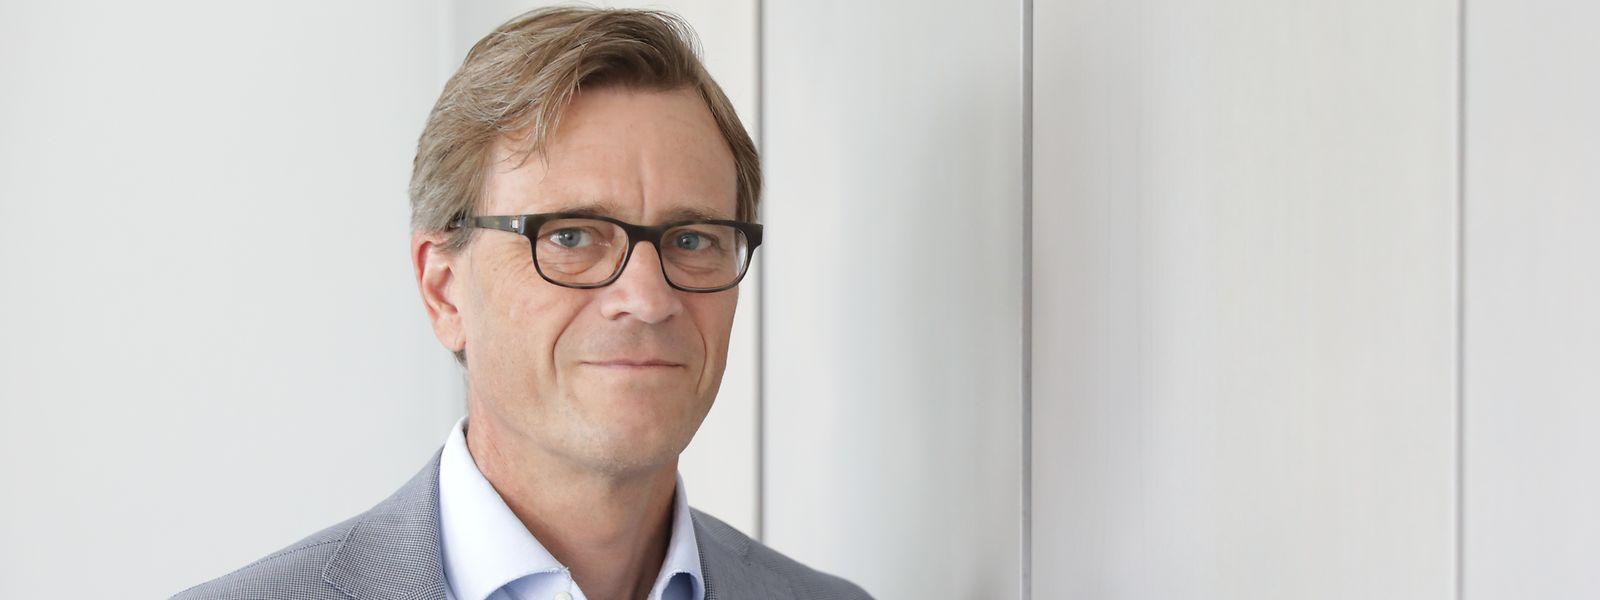 Pour Marc Wengler, directeur général des CFL, «une réflexion» sur l'avenir du siège des chemins de fer, place de la Gare, devrait aboutir «courant 2020».